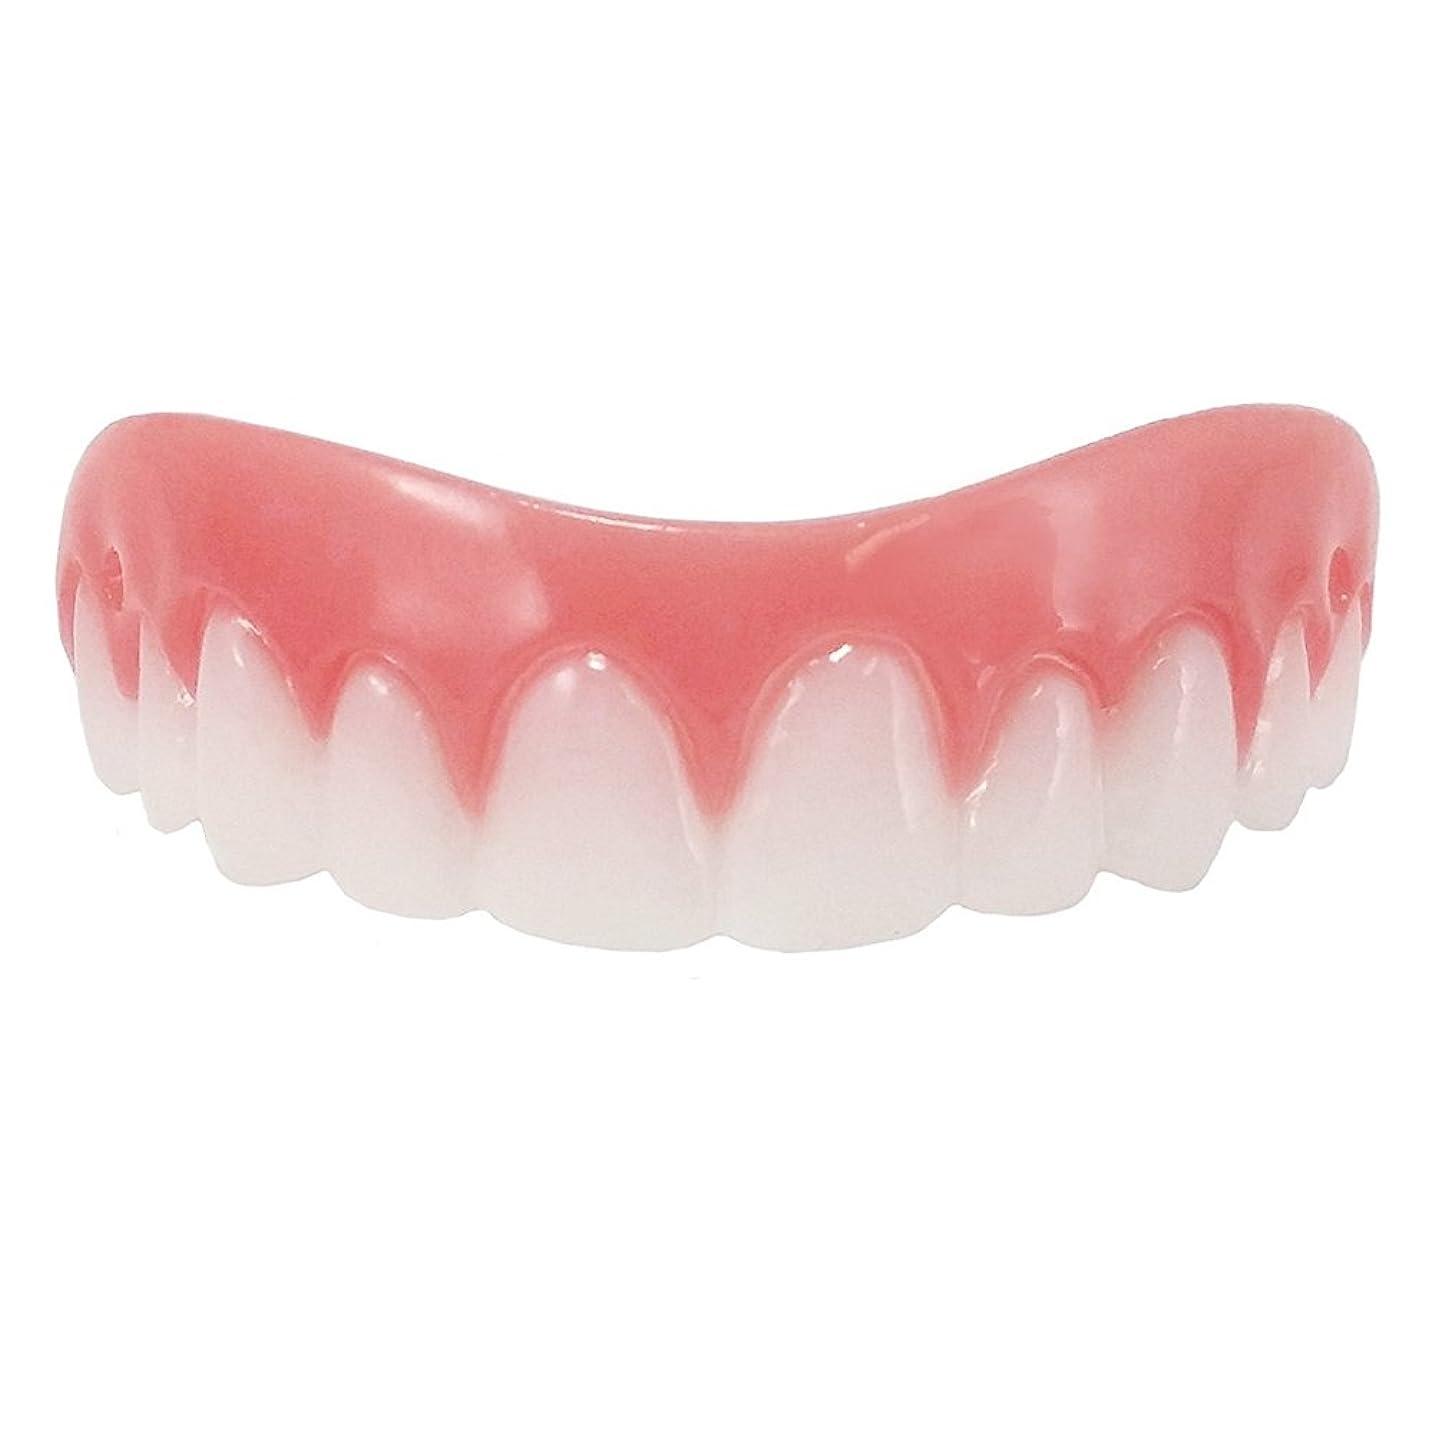 ラフレシアアルノルディ許可する集団シリコン義歯ペースト 美容用 入れ歯 上歯 下歯2個セット (free size)